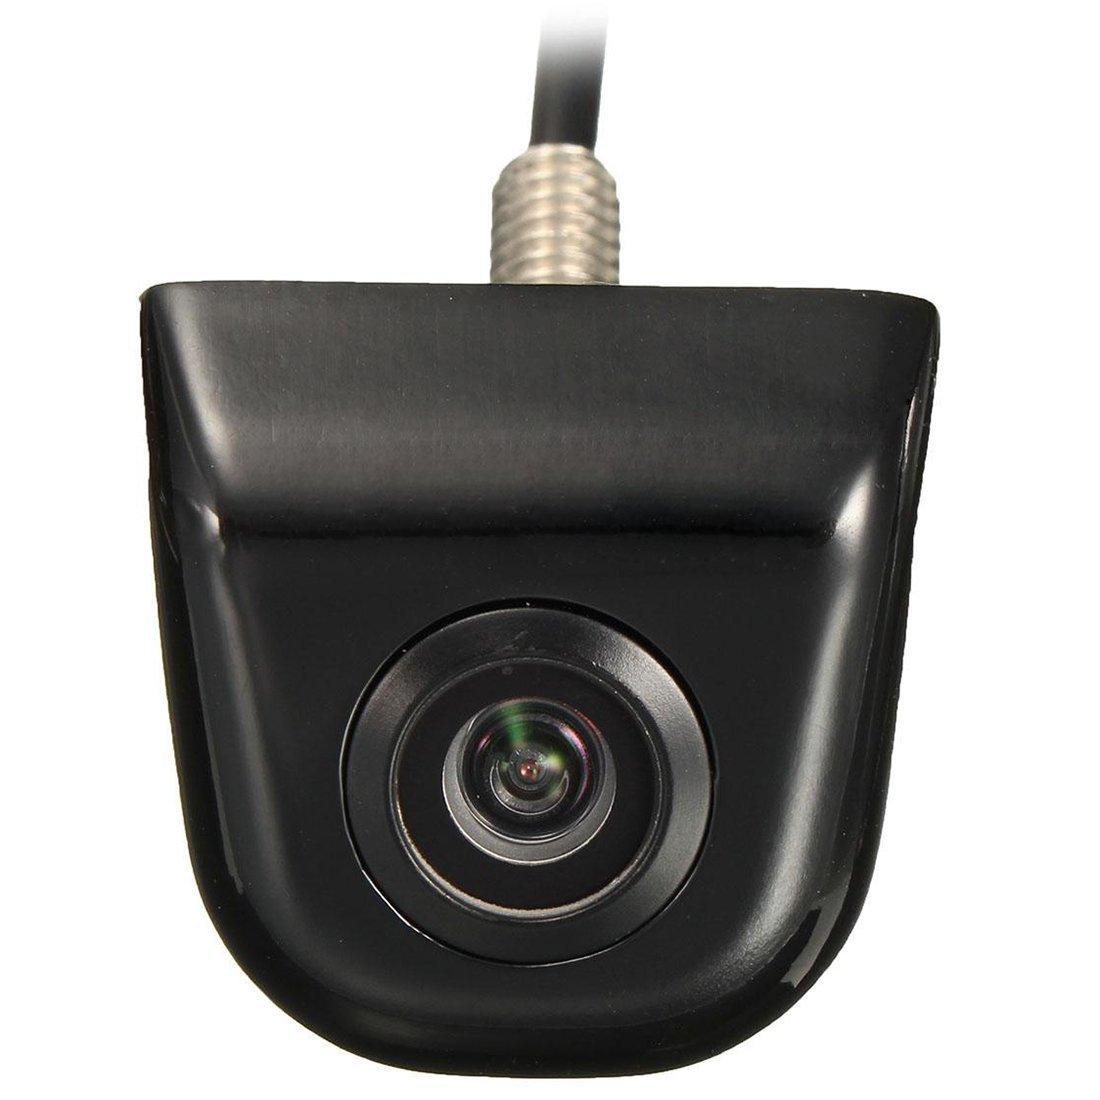 Auto Retrocamera - TOOGOO(R) 170 degree Universale Telecamera Retromarcia Auto CMOS Retrocamera Camera Parcheggio bianca New